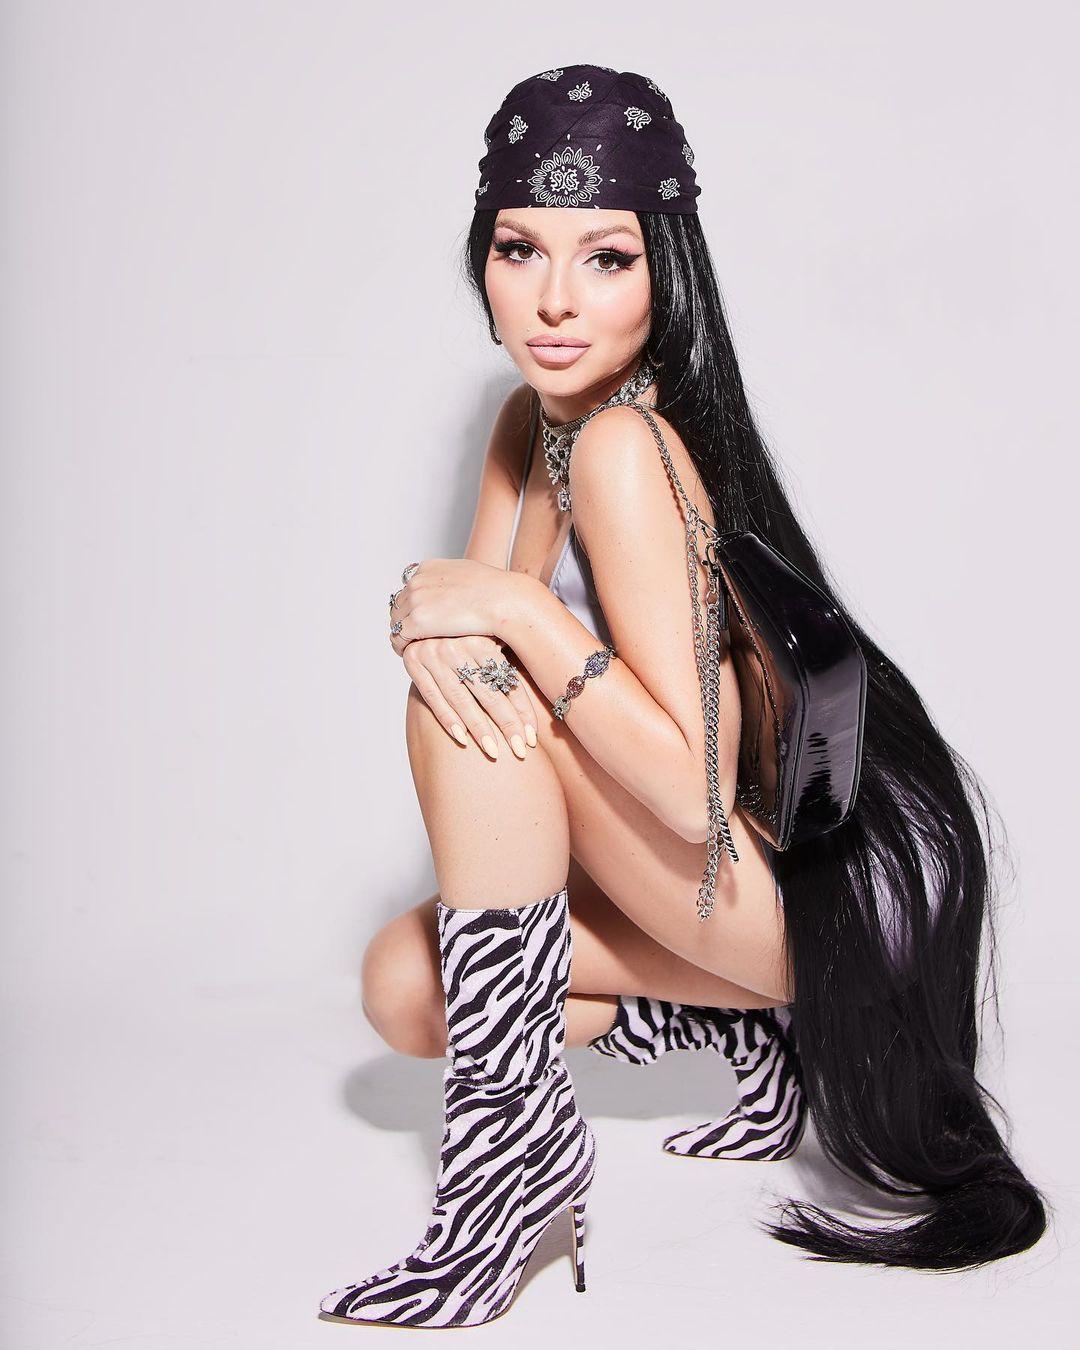 Певица Нюша, перевоплотившись для фотосессии, стала копией Оксаны Самойловой